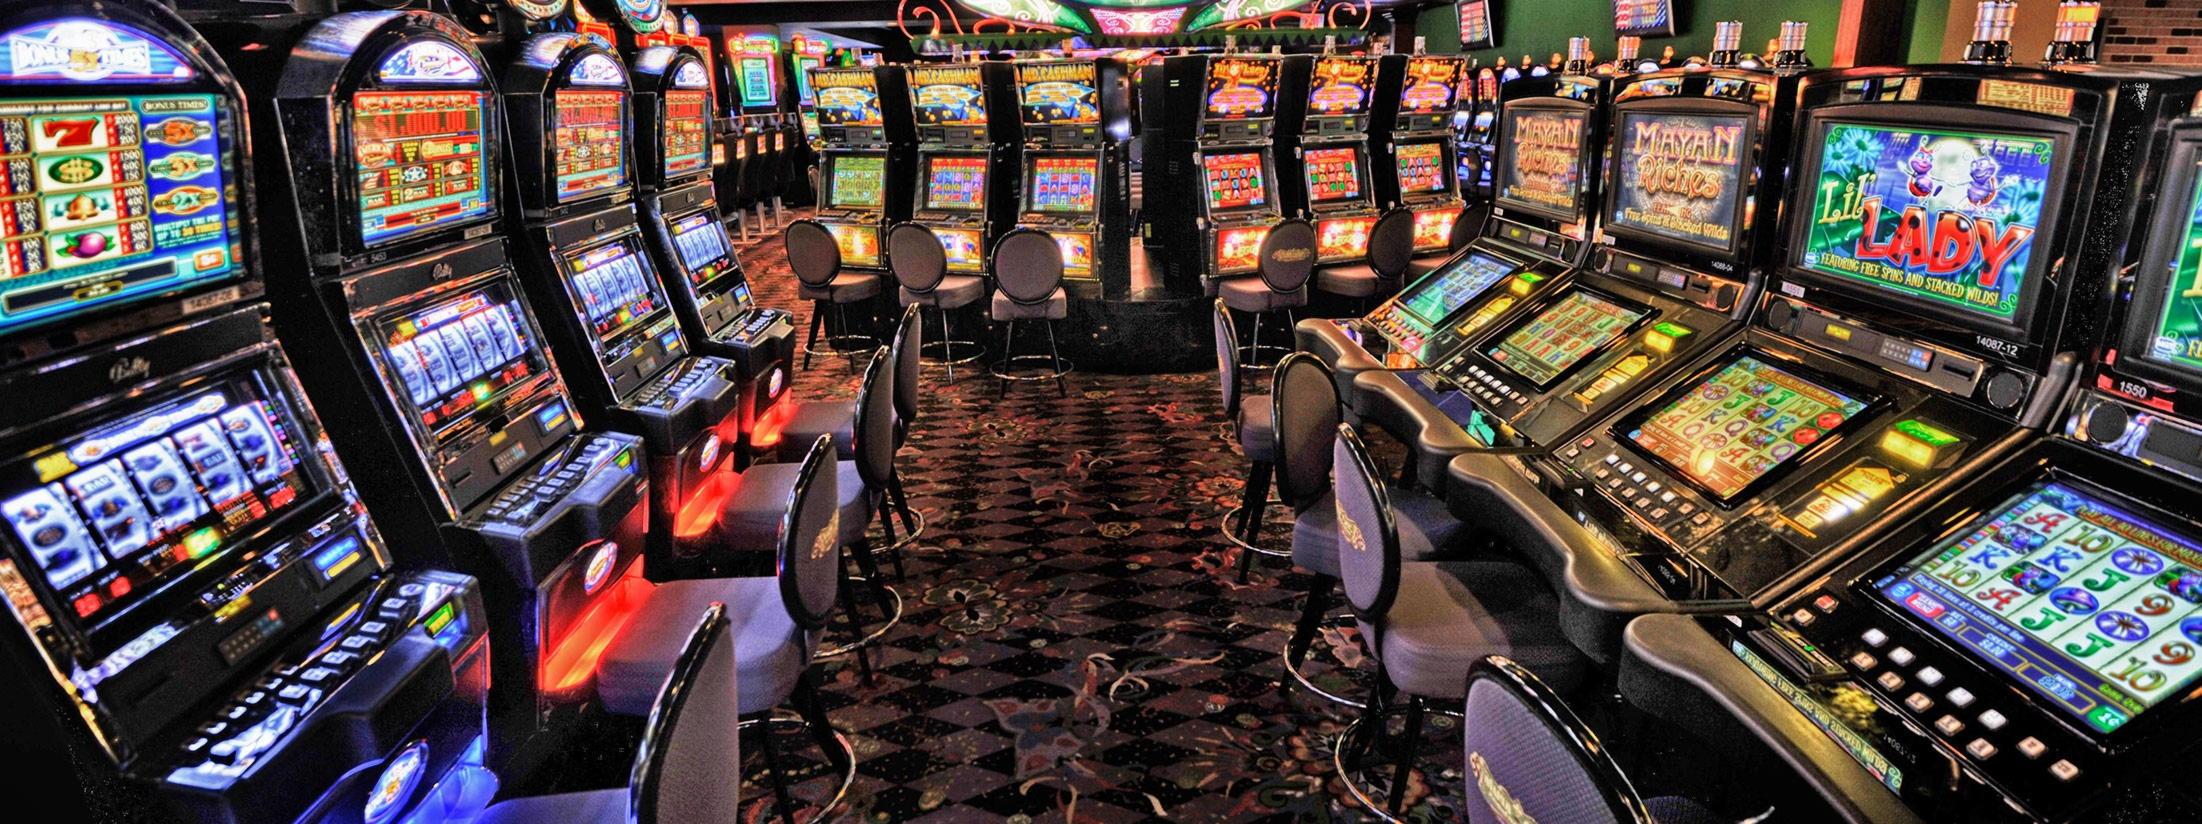 GameBookers- ում 420 Casino- ի Բարի գալուստ բոնուս